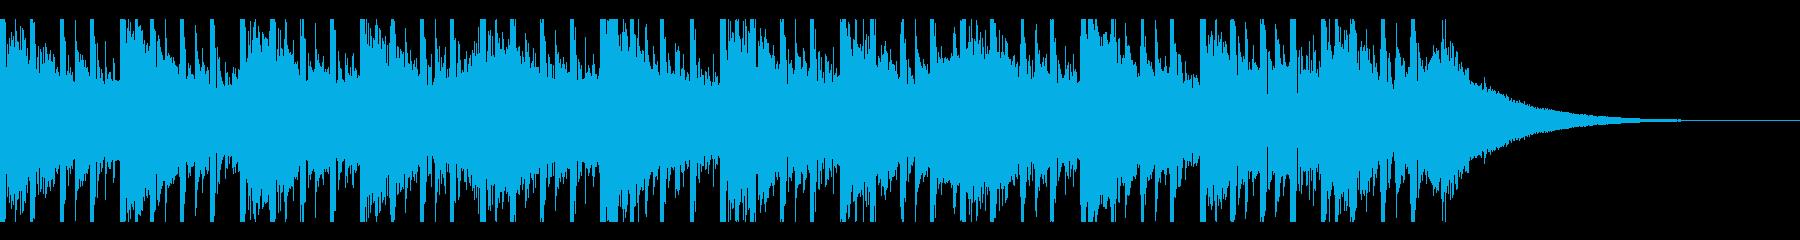 深刻なビジネス(30秒)の再生済みの波形